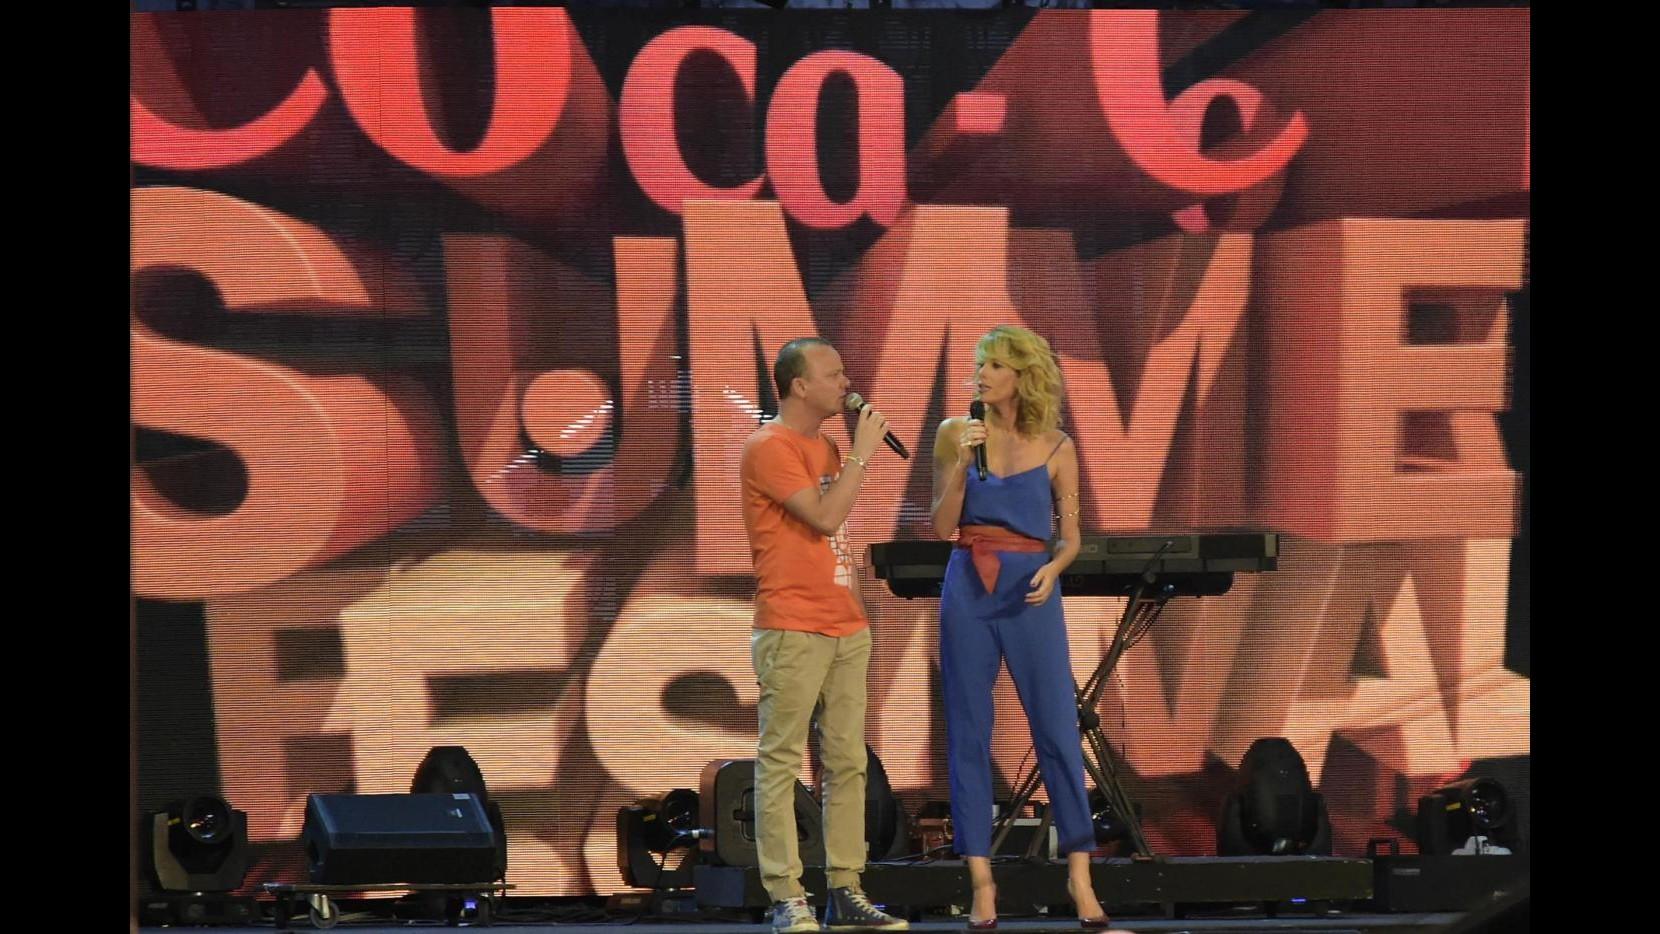 Roma, domani in Piazza del Popolo ultima sera Coca-Cola Summer Festival